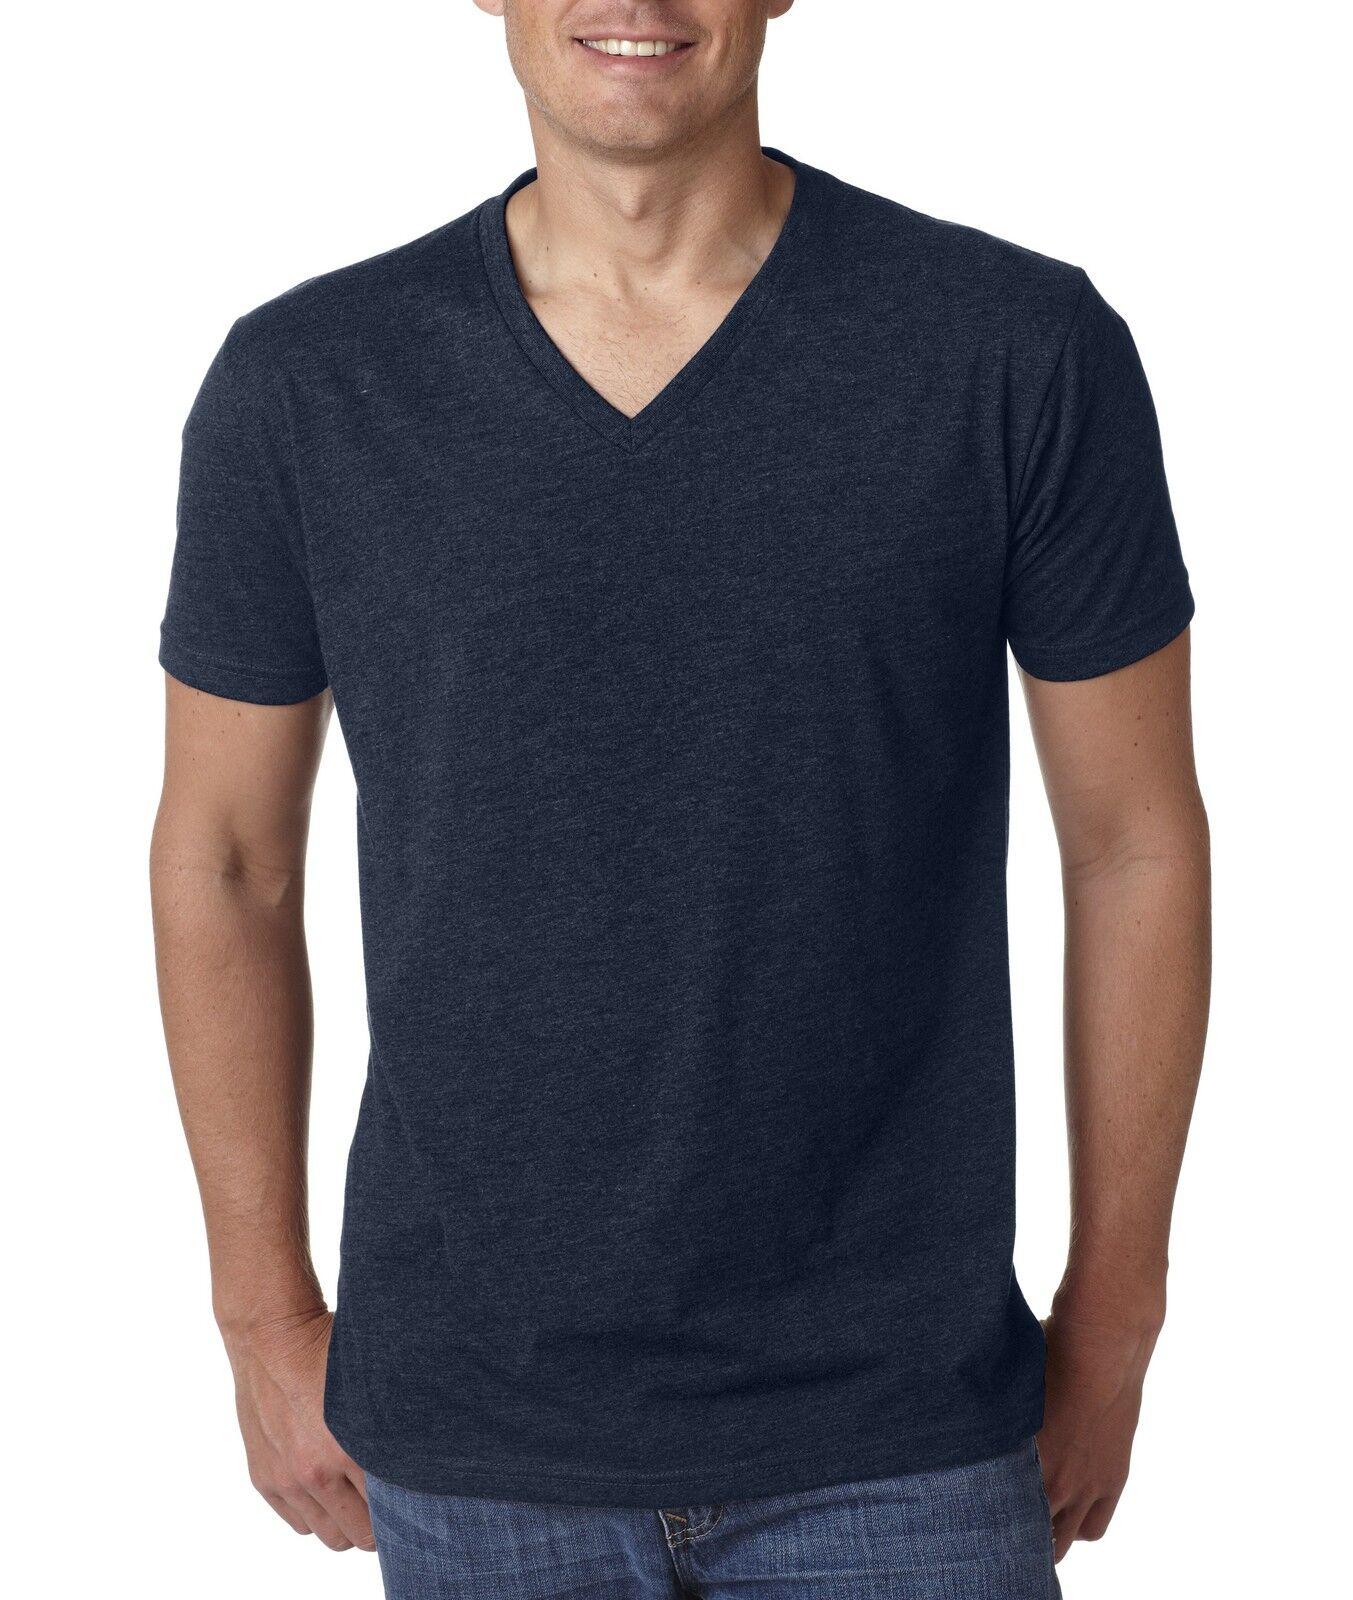 mens nylon tshirts ebay - HD1200×1500